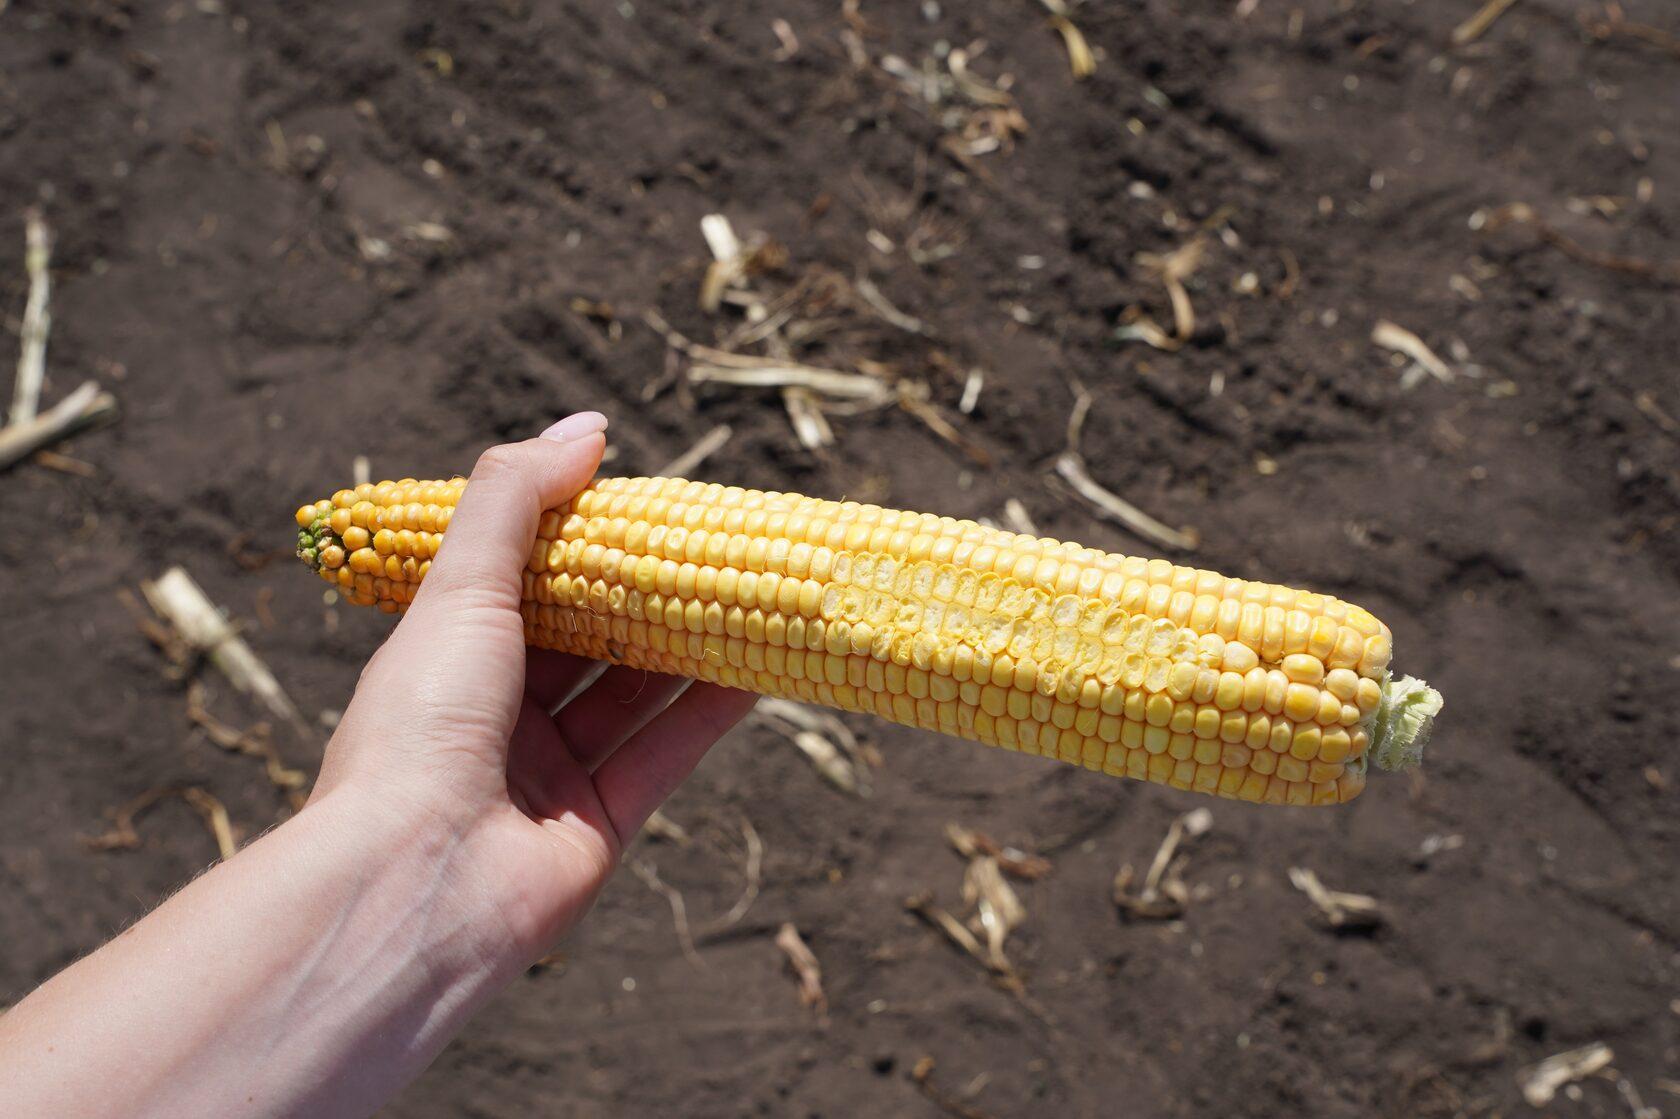 Не існує кукурудзи подвійних стандартів — ПРО ПЕРЕВАГИ СИЛОСНИХ ГІБРИДІВ UNIVERSEED фото 3 LNZ Group